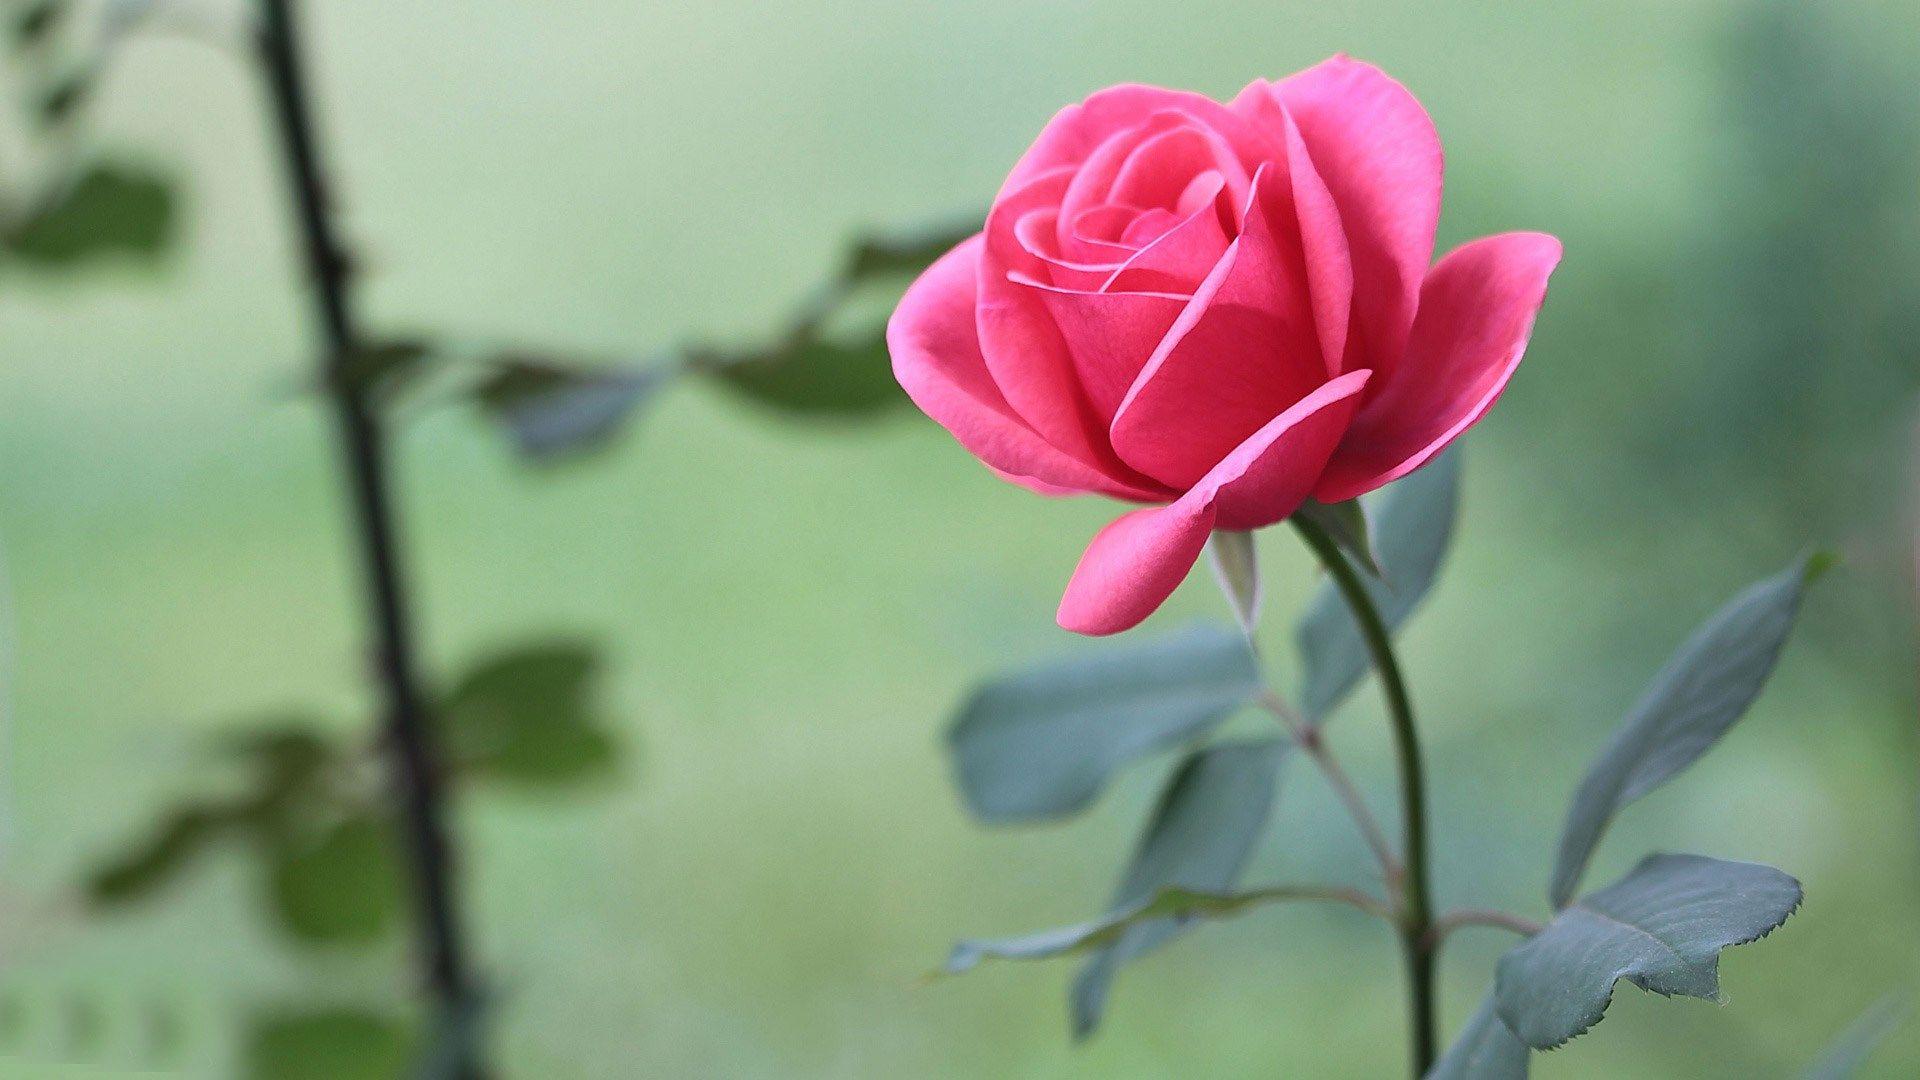 Rose Wallpaper Pack 1080p Hd Ololoshenka Pinterest Pink Roses